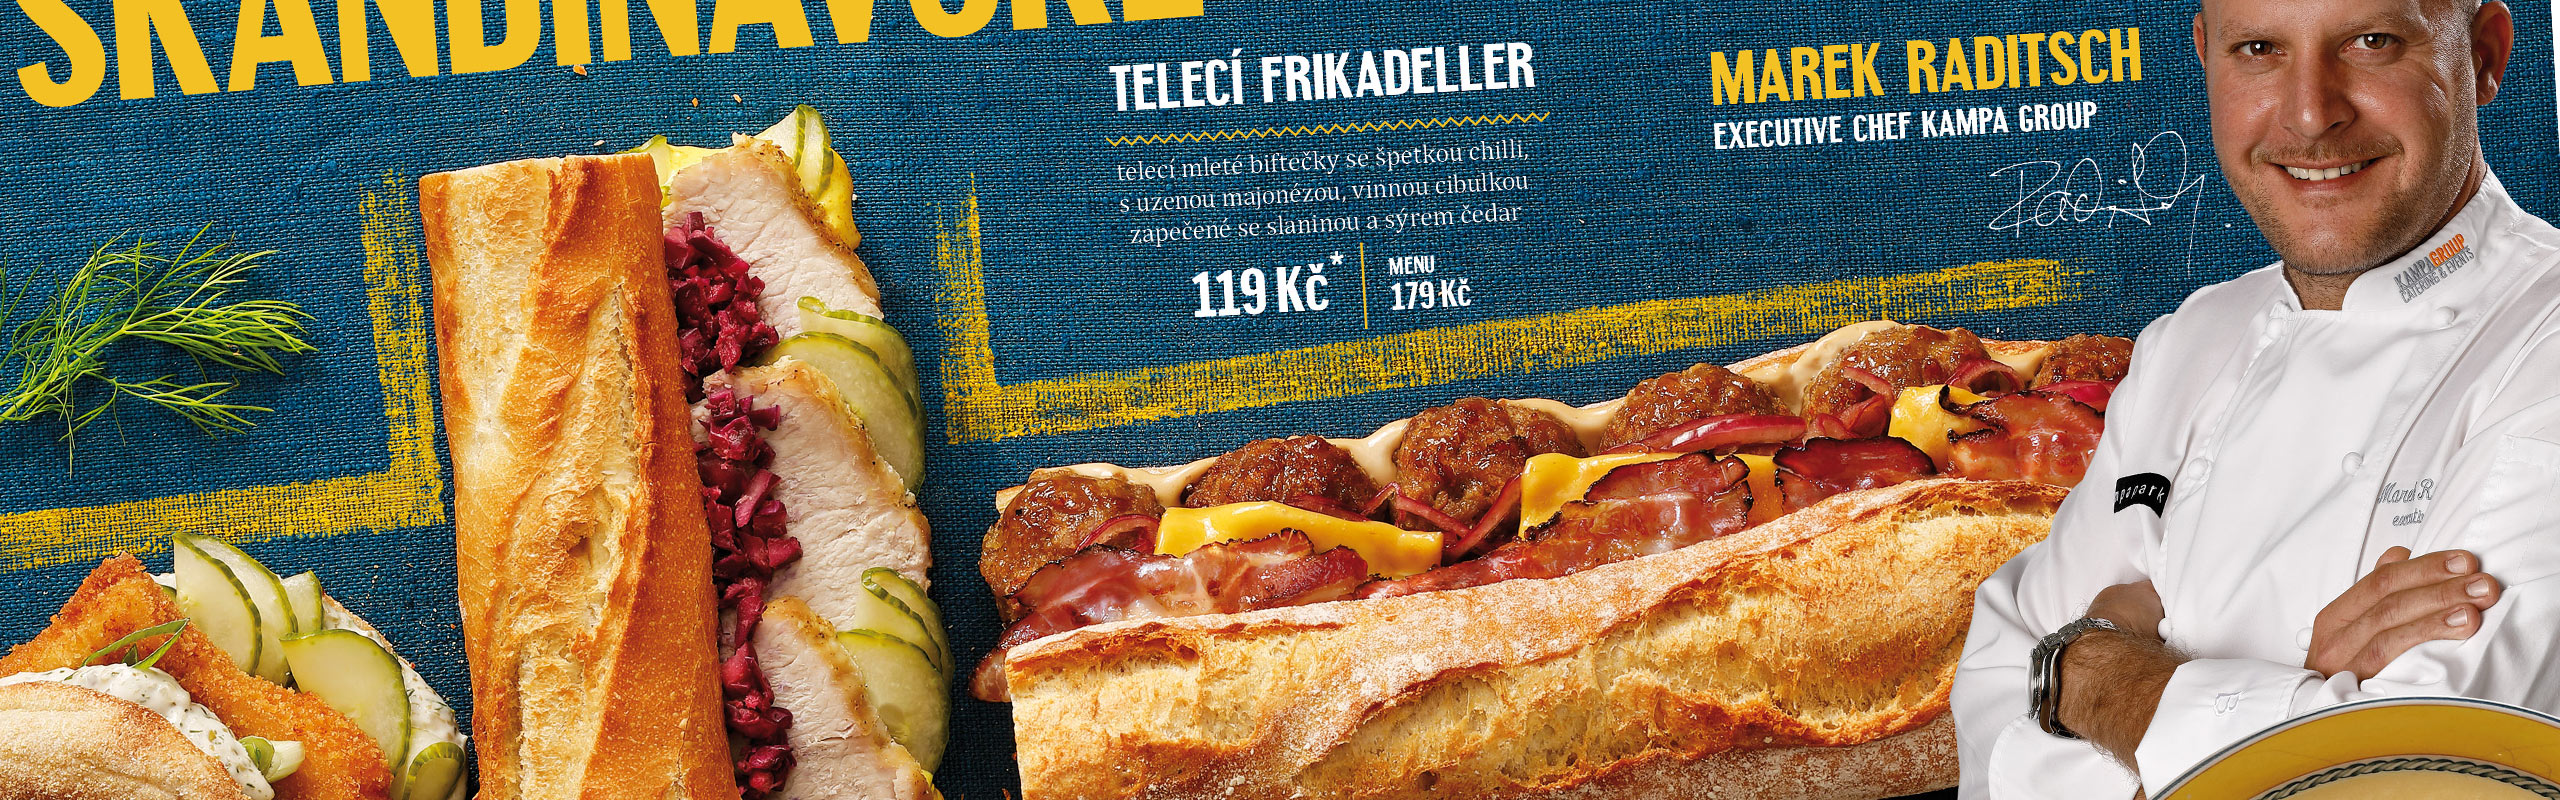 Pohrali sme sa s dizajnom <span>škandinávského menu pre Bageterie Boulevard</span>